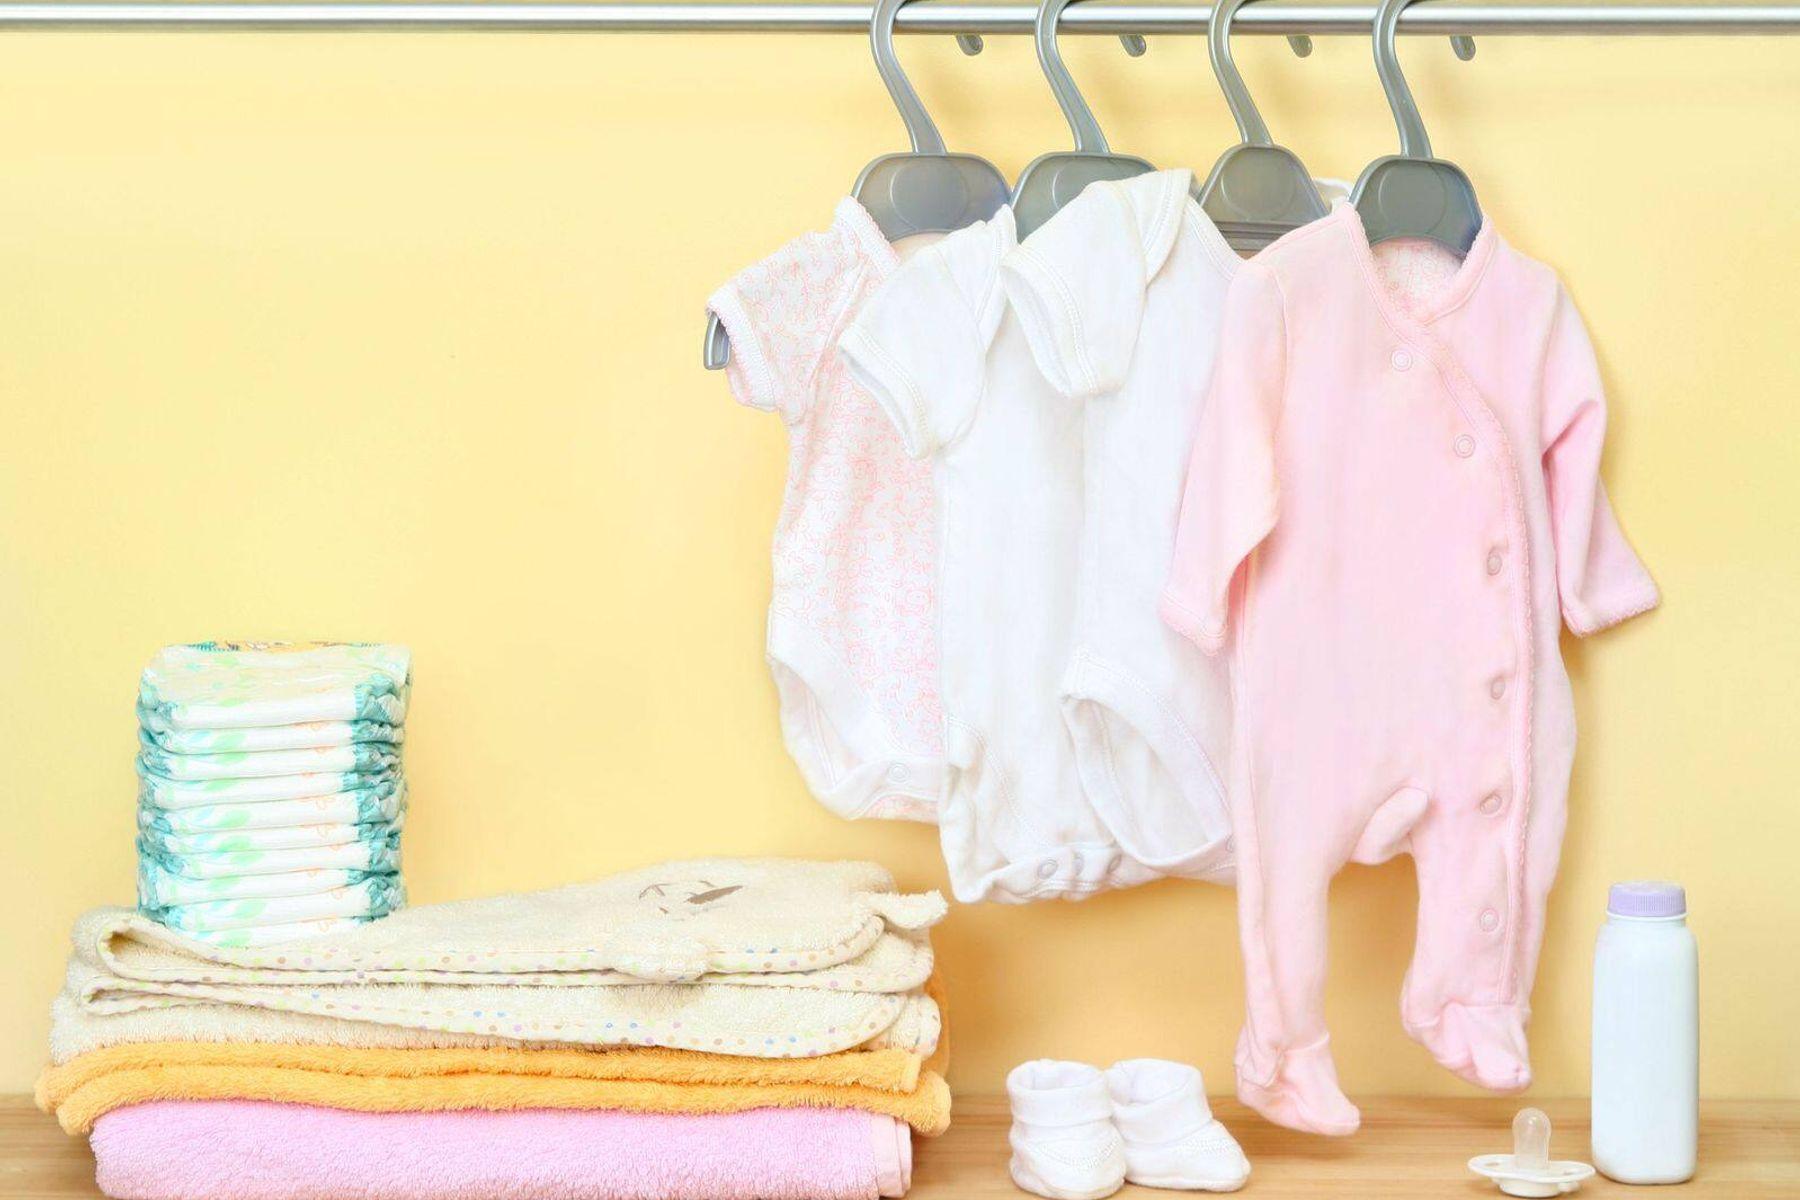 Hướng dẫn ba mẹ cách giặt và bảo quản quần áo trẻ sơ sinh an toàn